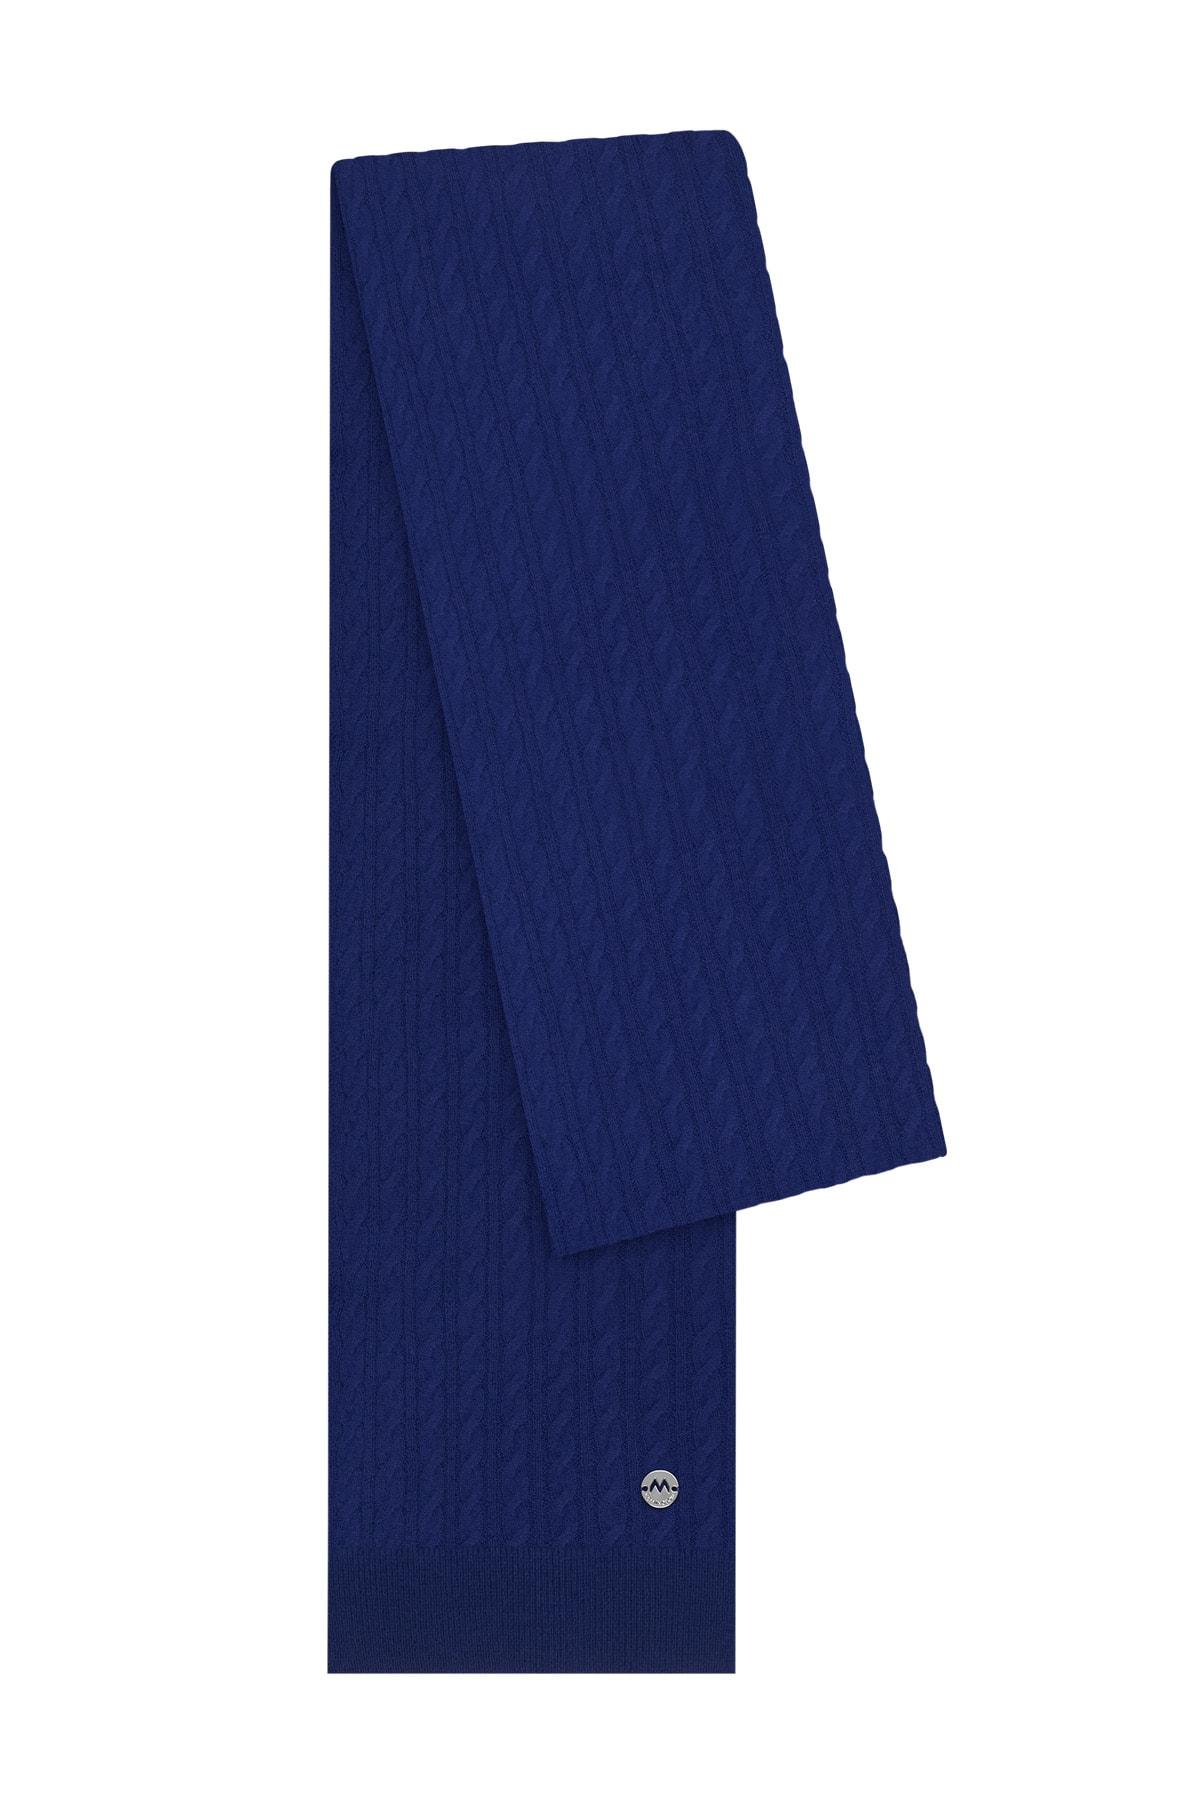 Hemington Erkek Mavi Lambswool Yün  Atkı 1